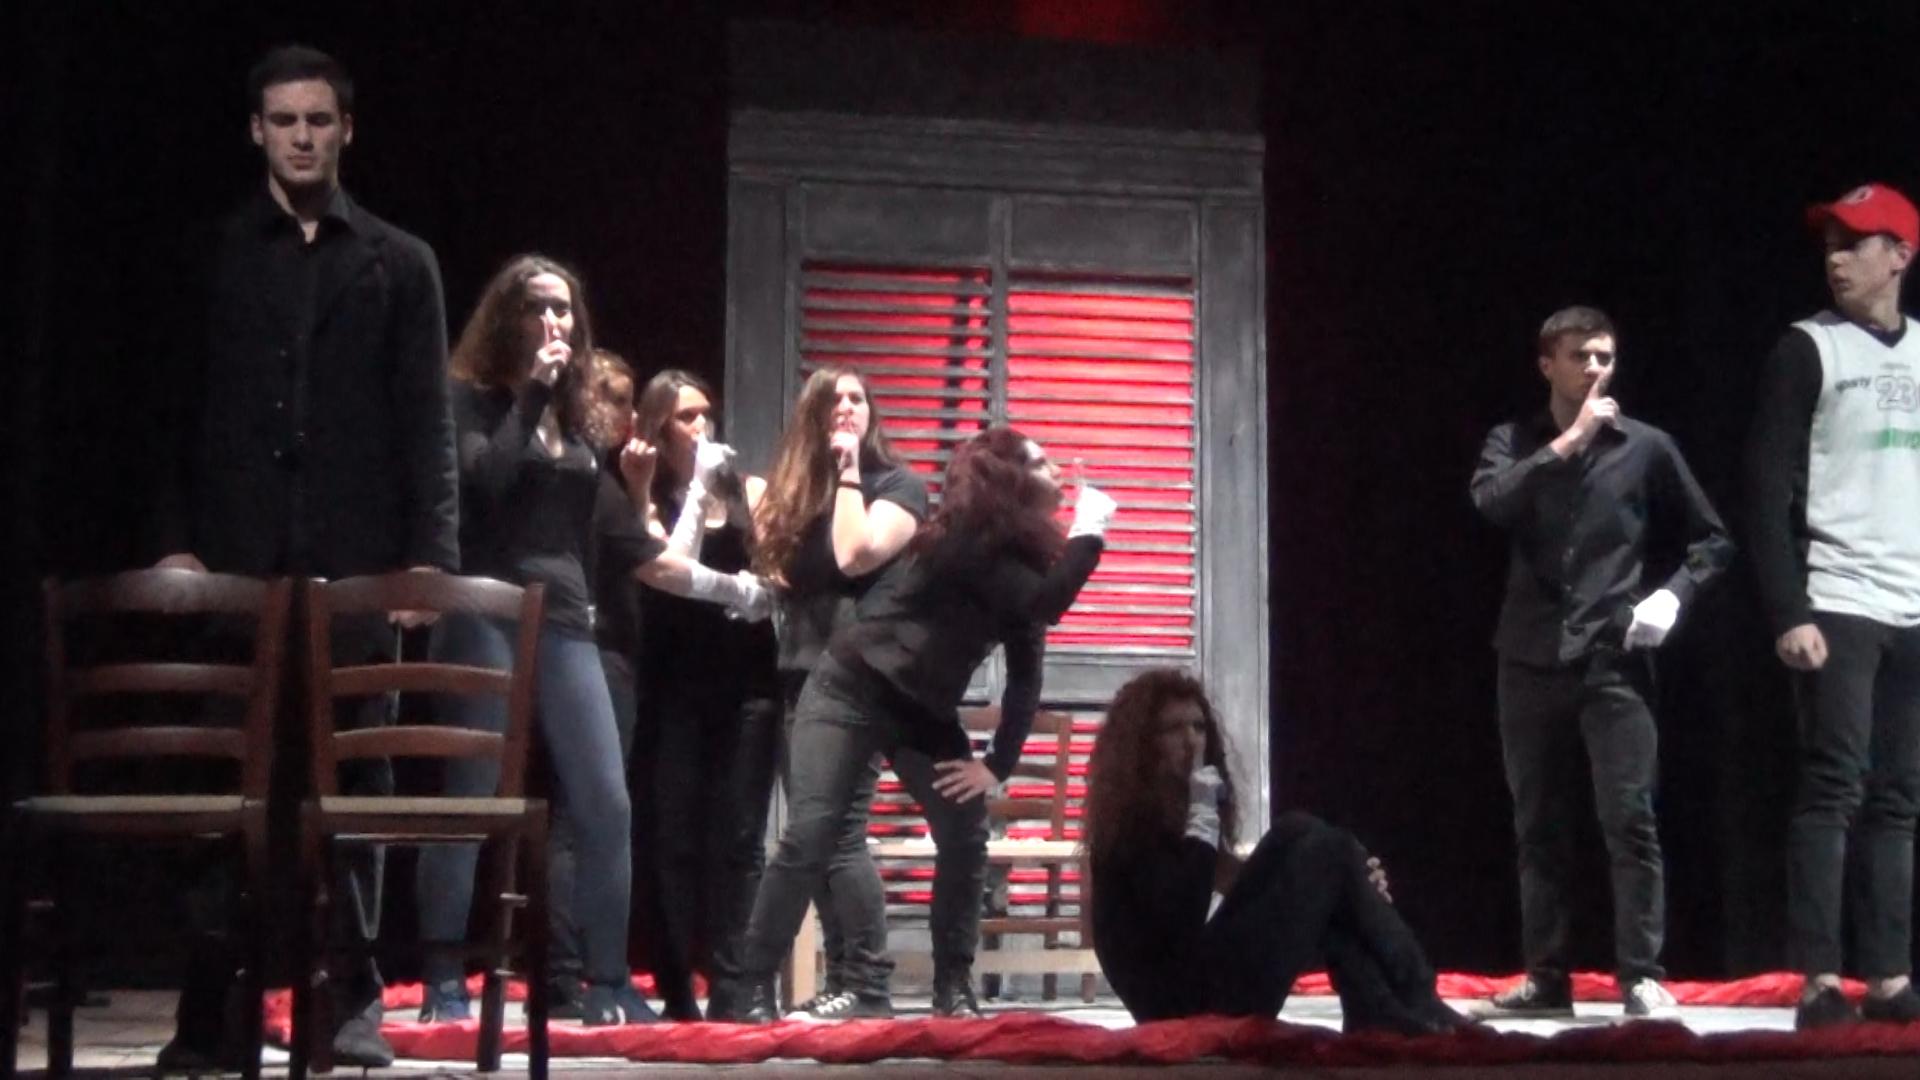 Silenzio stampa: i ragazzi di Ravenna portano la mafia a teatro (VIDEO)